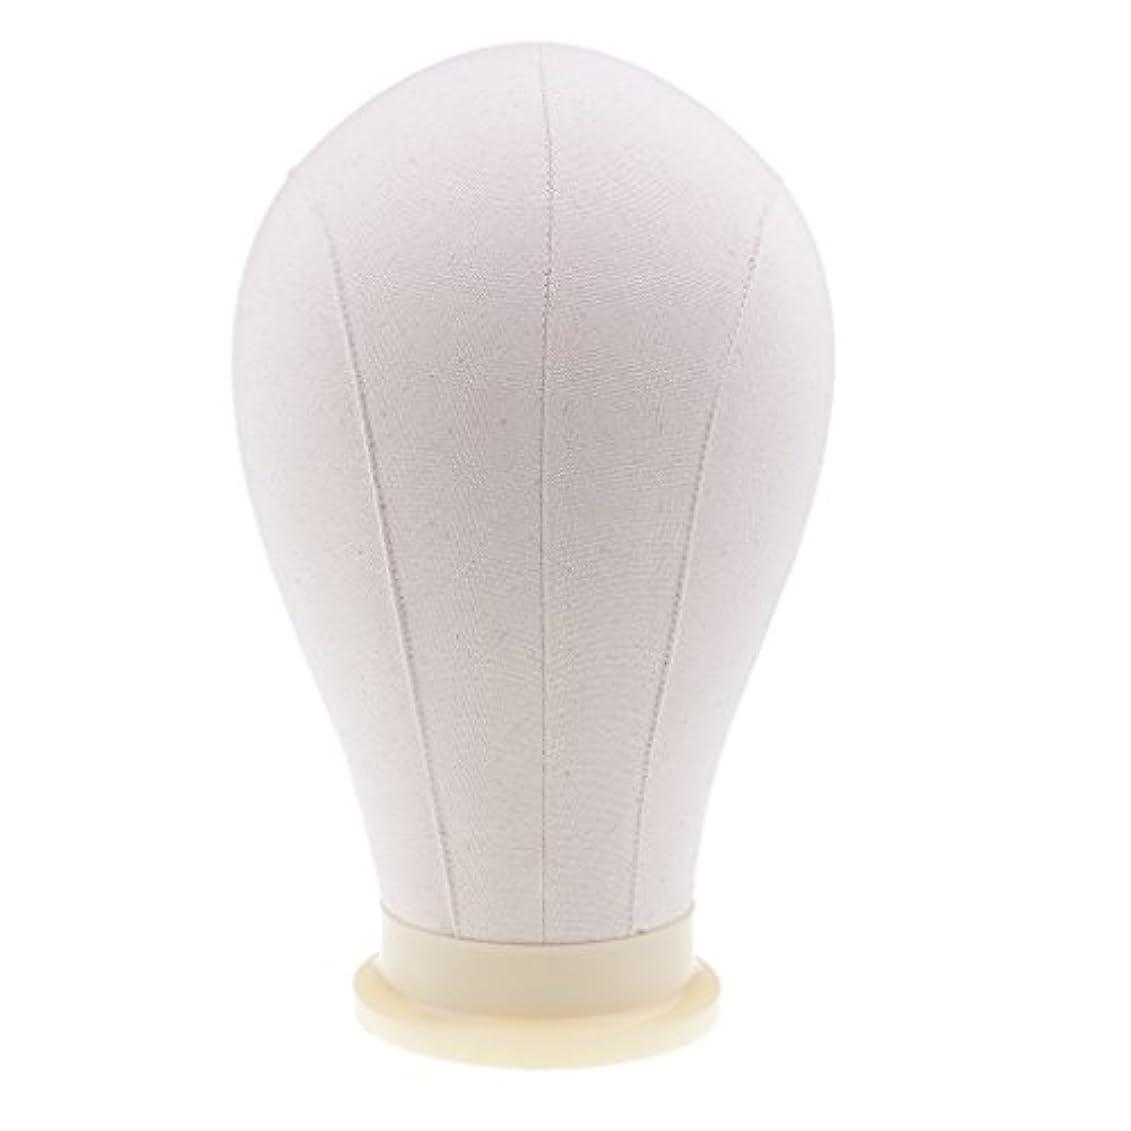 近代化するキャッシュ桁マネキンヘッド ウィッグ キャンバス 頭部モデル かつら 帽子 メガネ ディスプレイ ホルダー 4サイズ - 24インチ